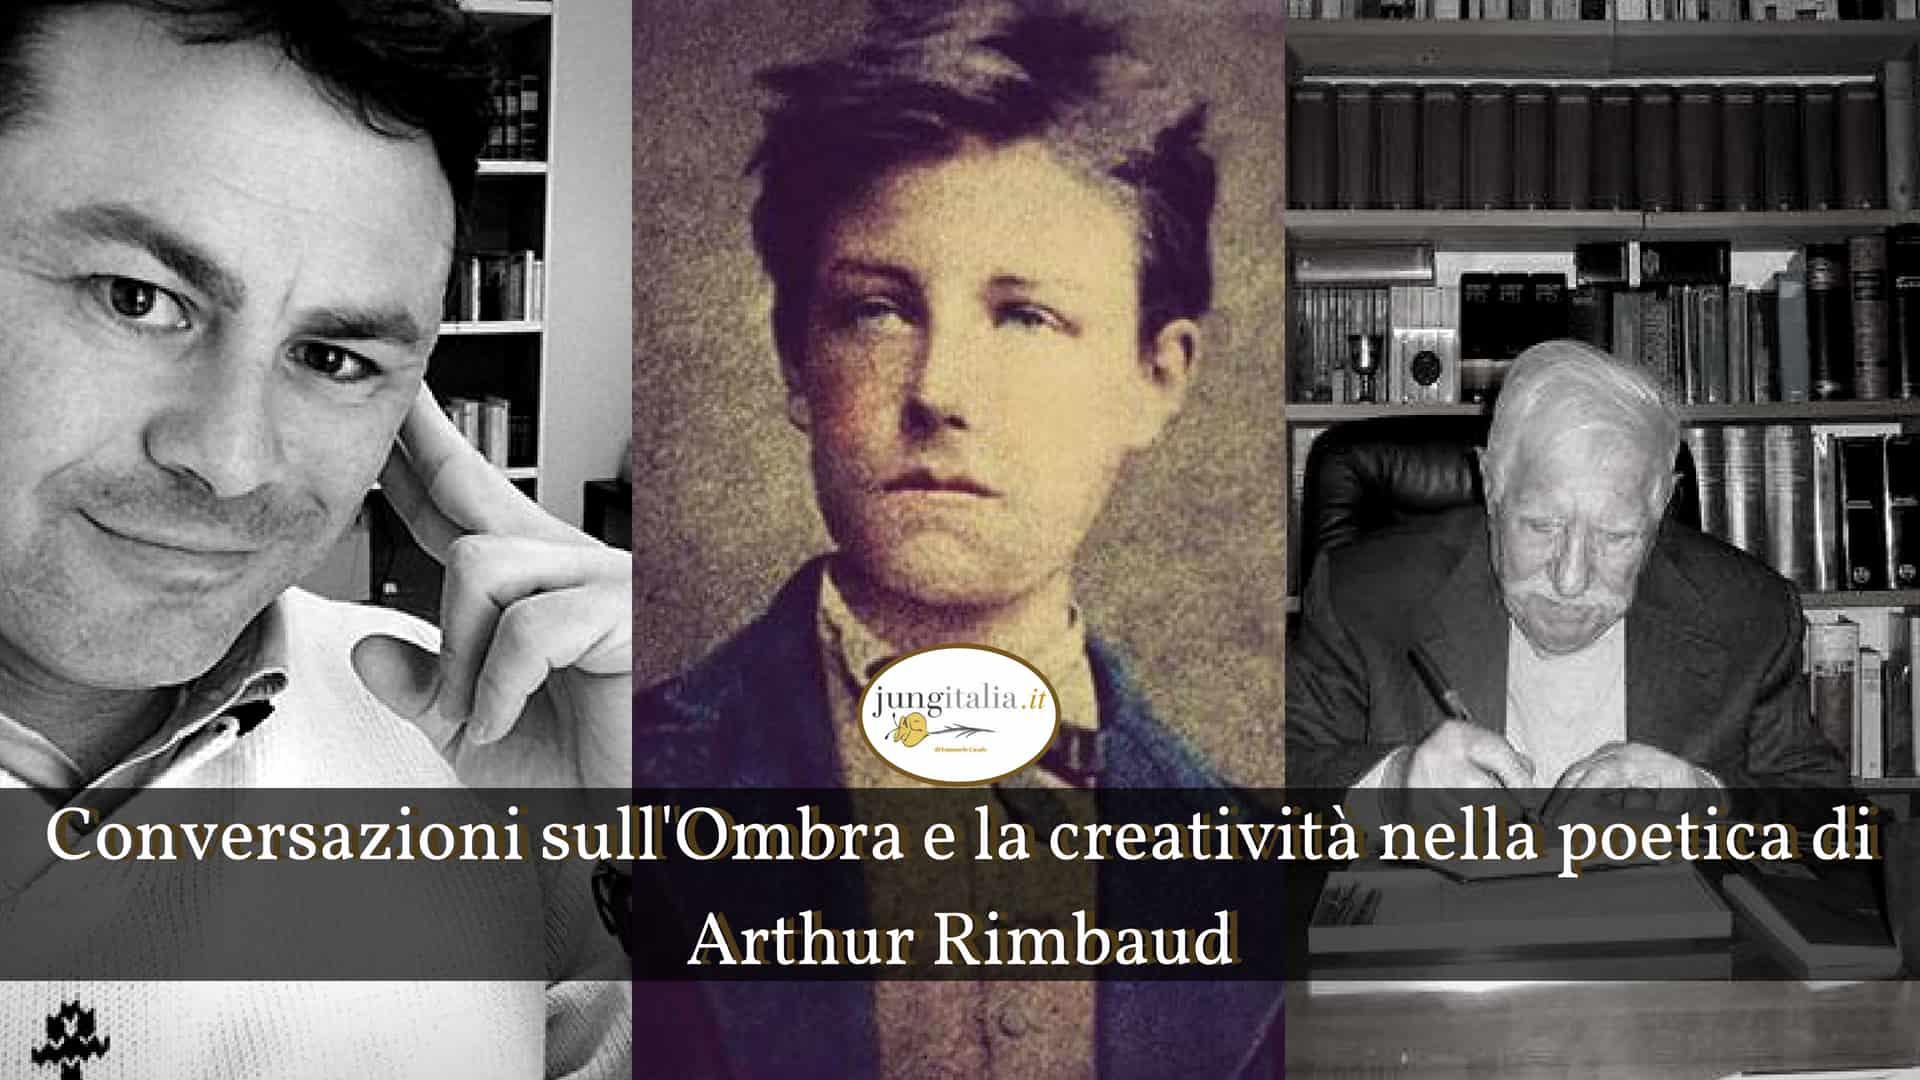 Conversazioni sull'Ombra e la creatività nella poetica di Arthur Rimbaud Intervista a Mario Trevi